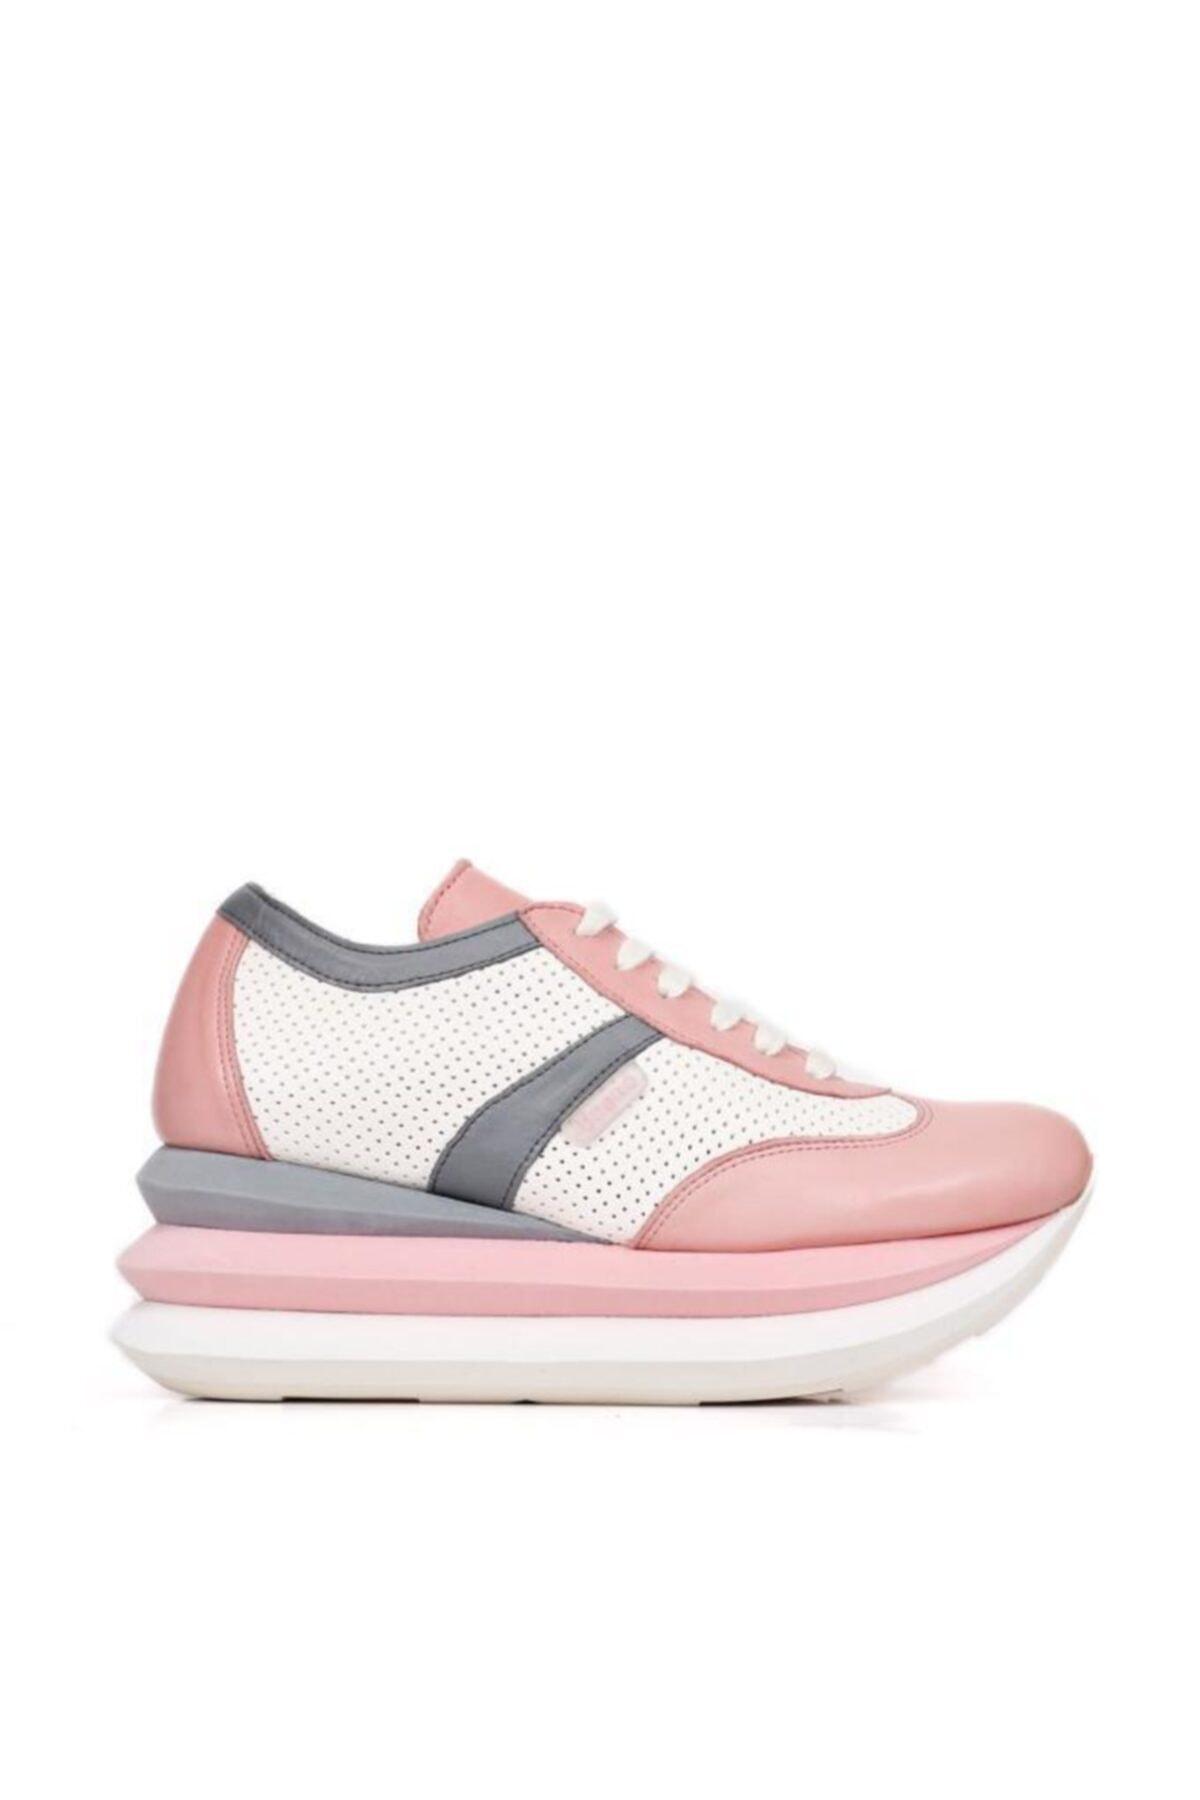 BUENO Shoes Hakiki Deri File Detaylı Bağcıklı Kadın Spor Ayakkabı 20wq10402 2